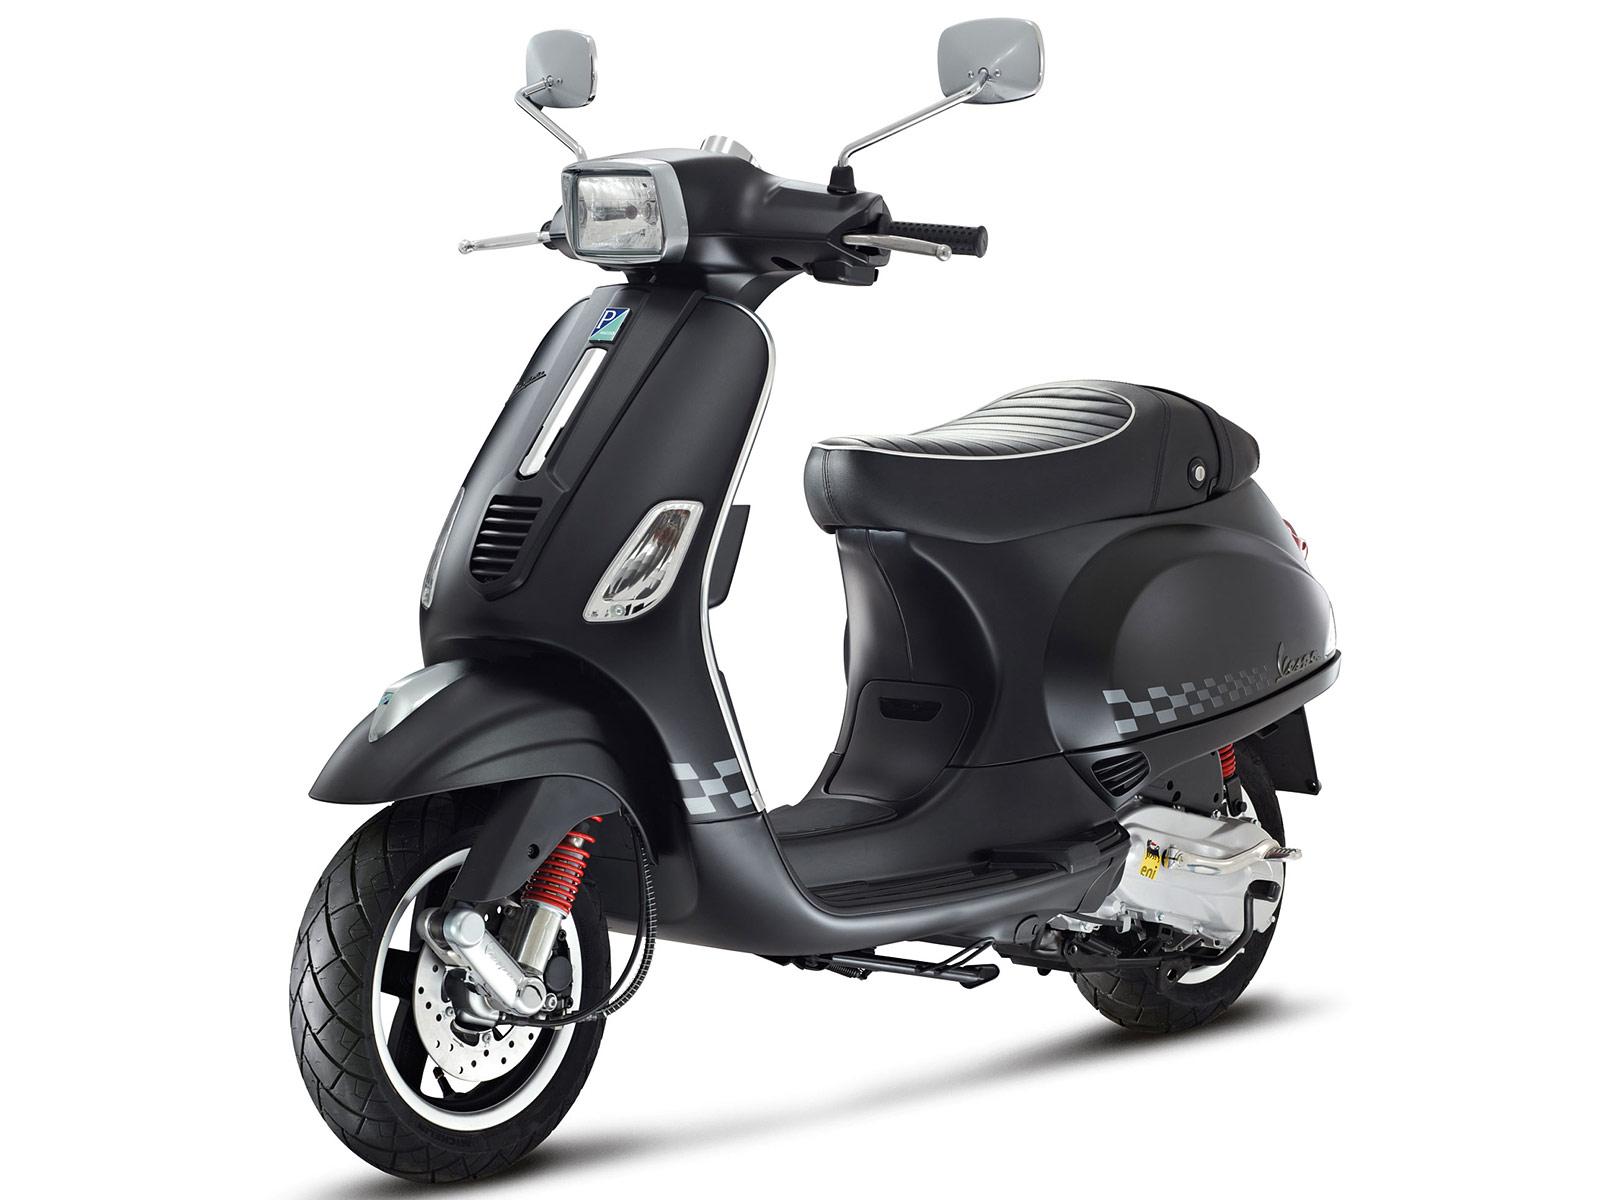 2013 vespa s50 super sport se scooter pictures specifications. Black Bedroom Furniture Sets. Home Design Ideas